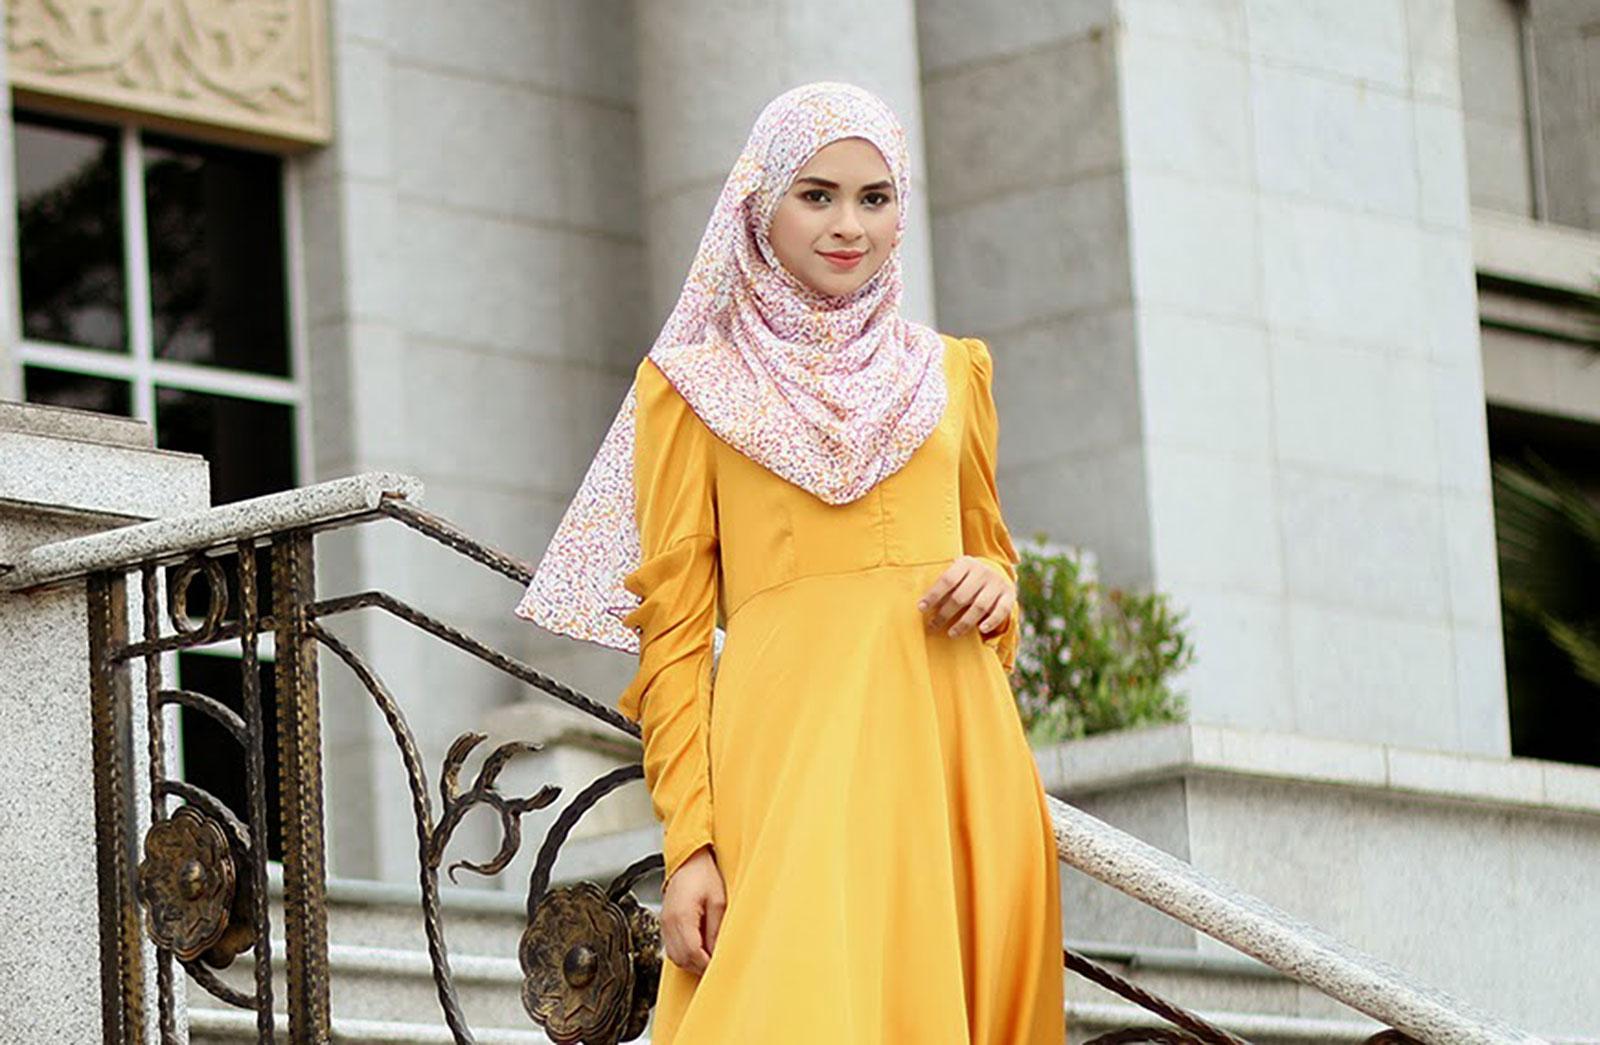 Хиджаб: достоинства и значимость | islam.ru